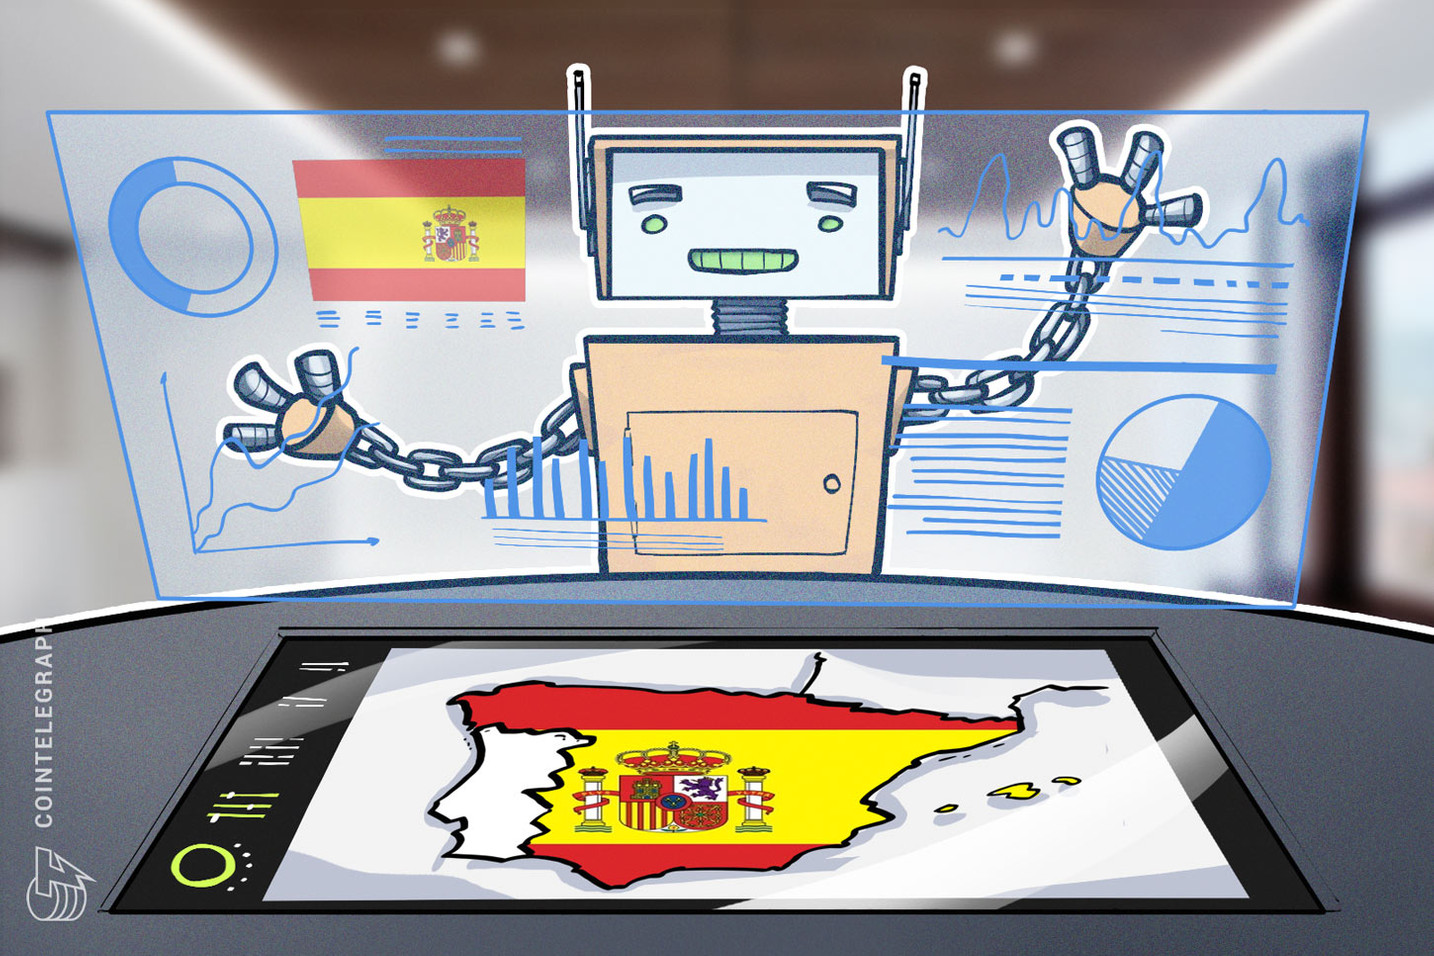 Comunidade autônoma espanhola de Aragão se tornará a primeira no país a aplicar blockchain